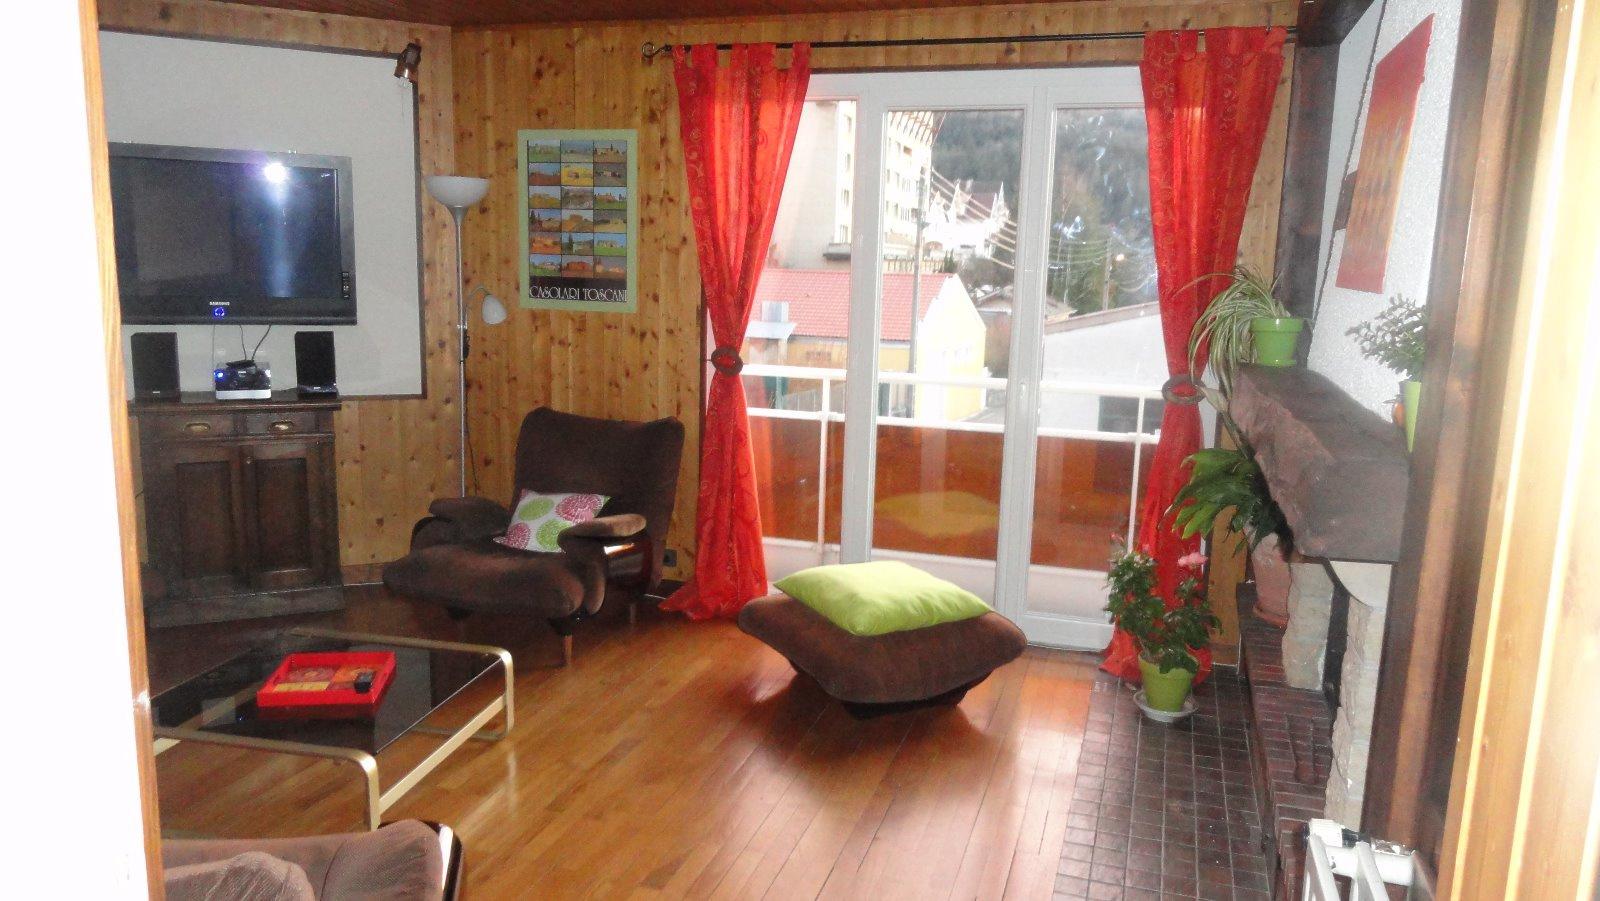 Vente maison de ville avec grand atelier for Vente maison avec atelier